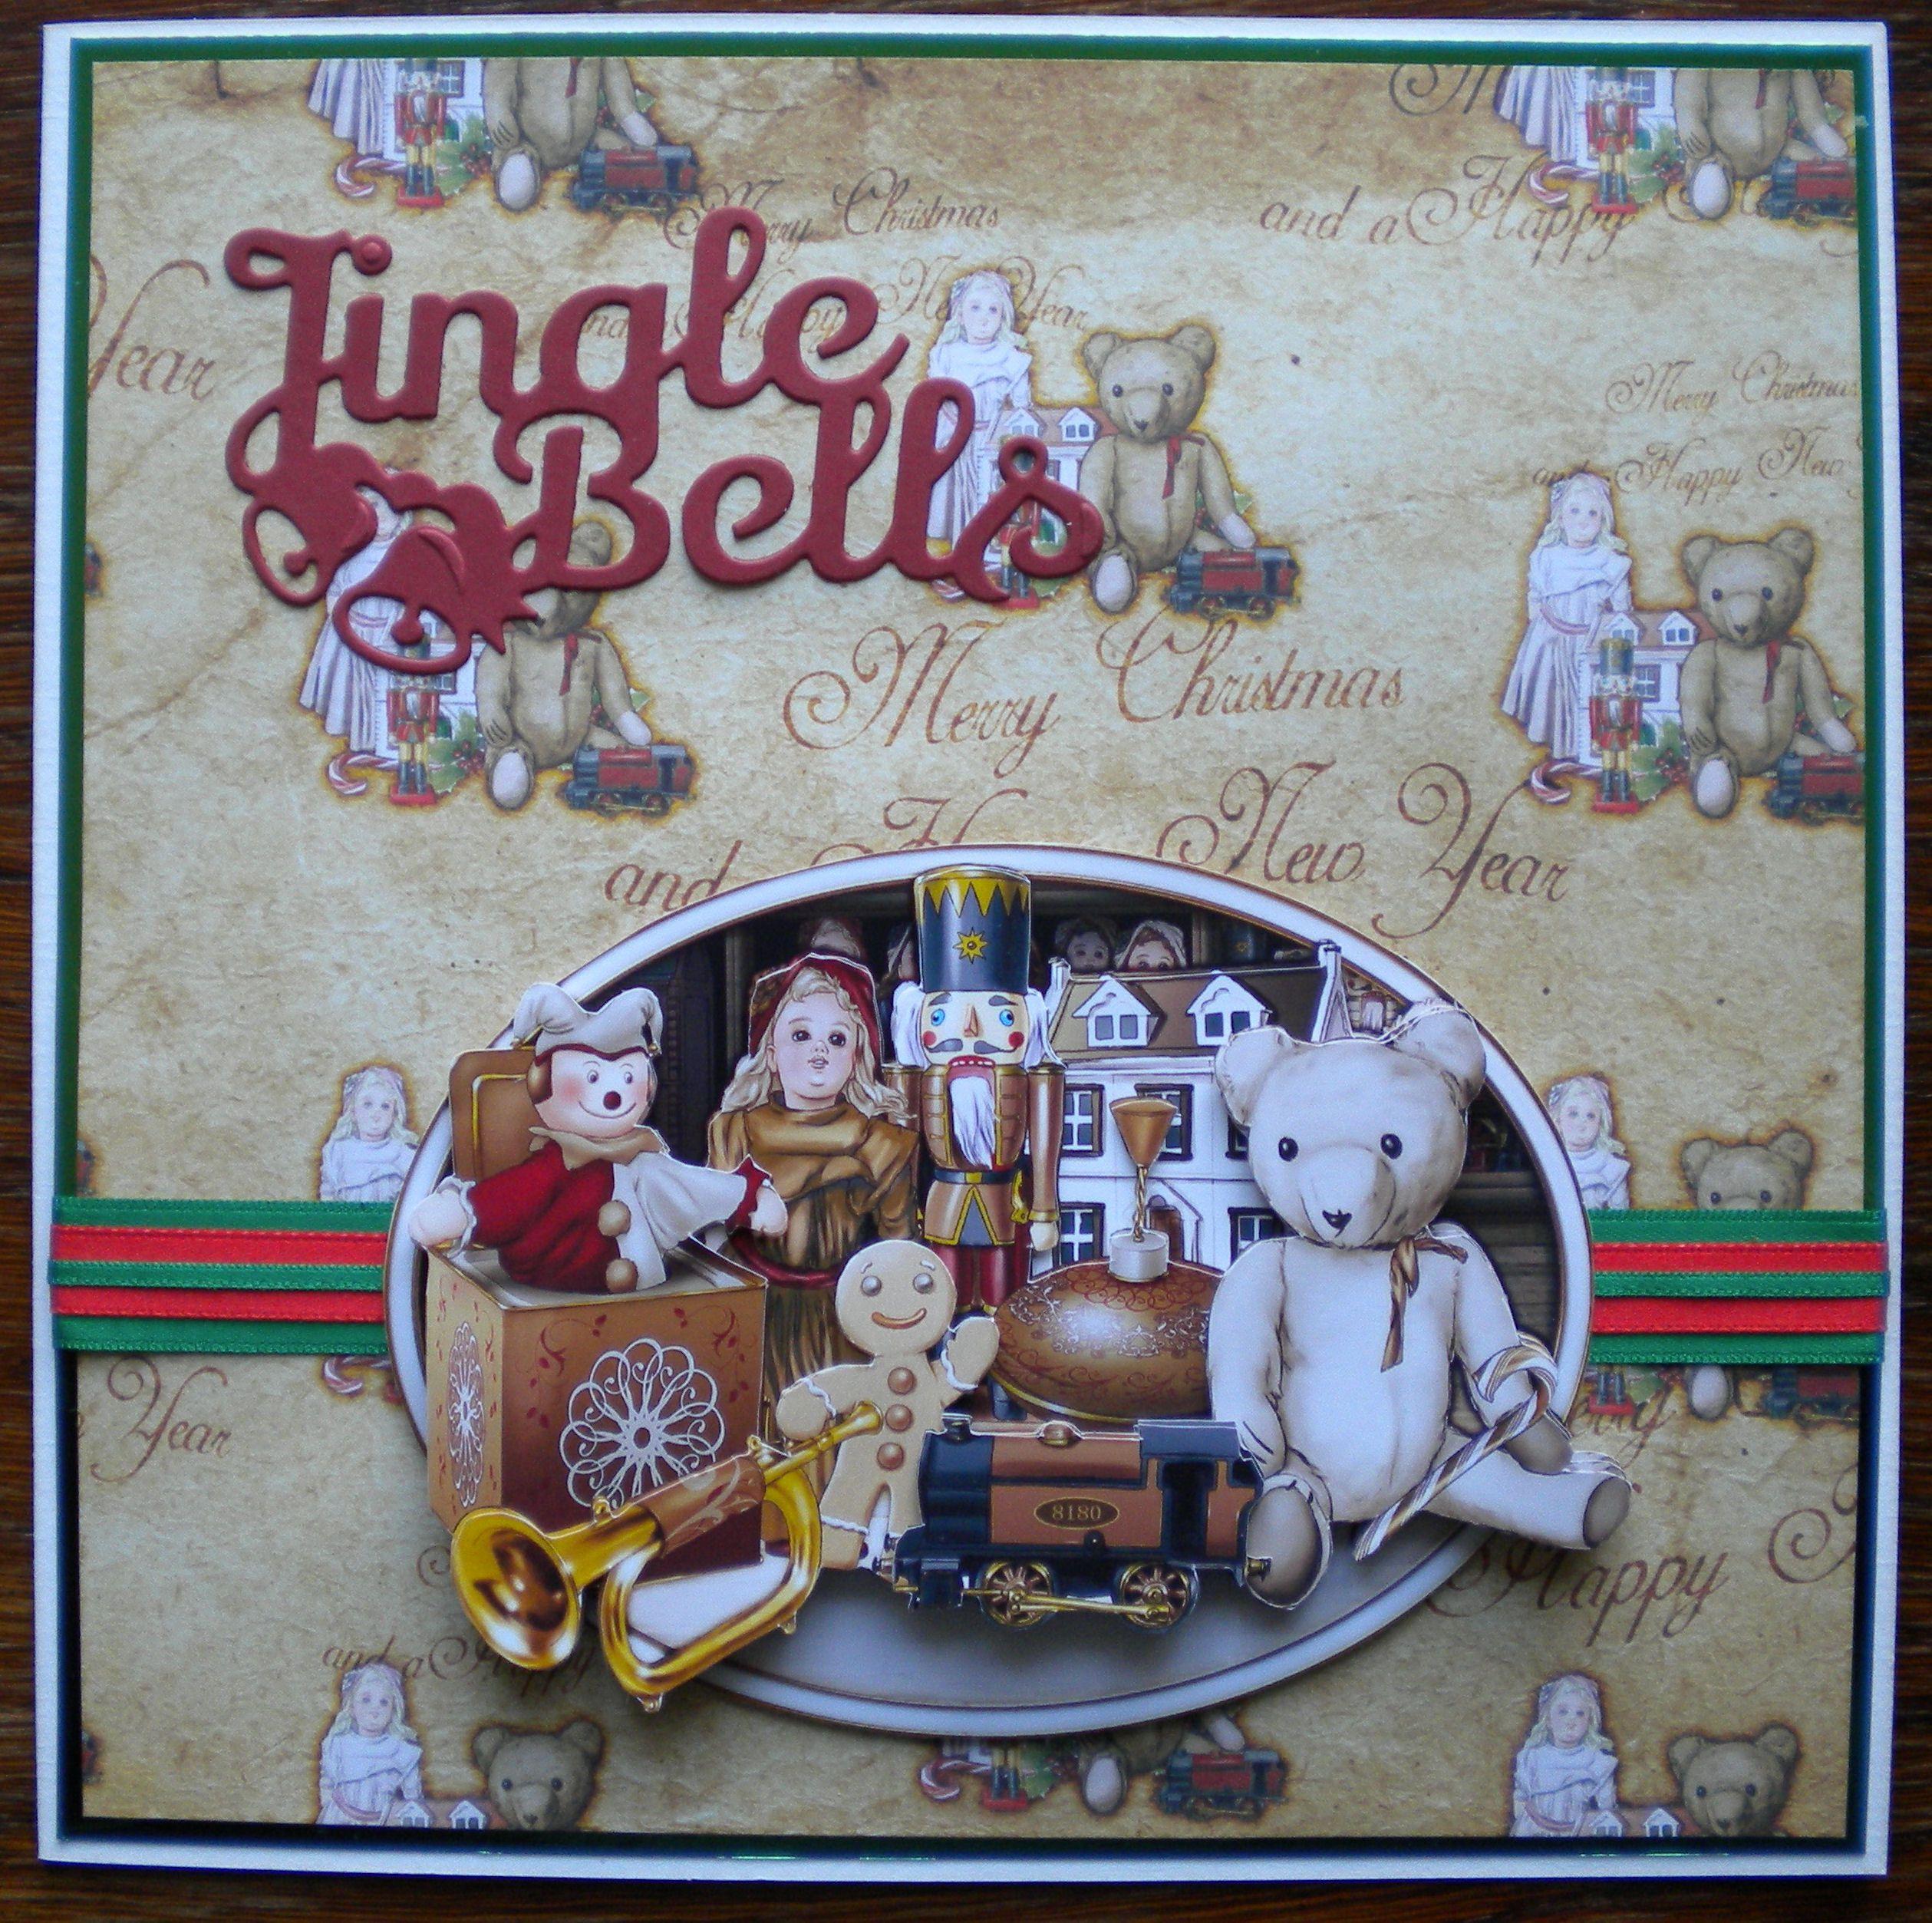 Debbi Moore, Santa Claus CD